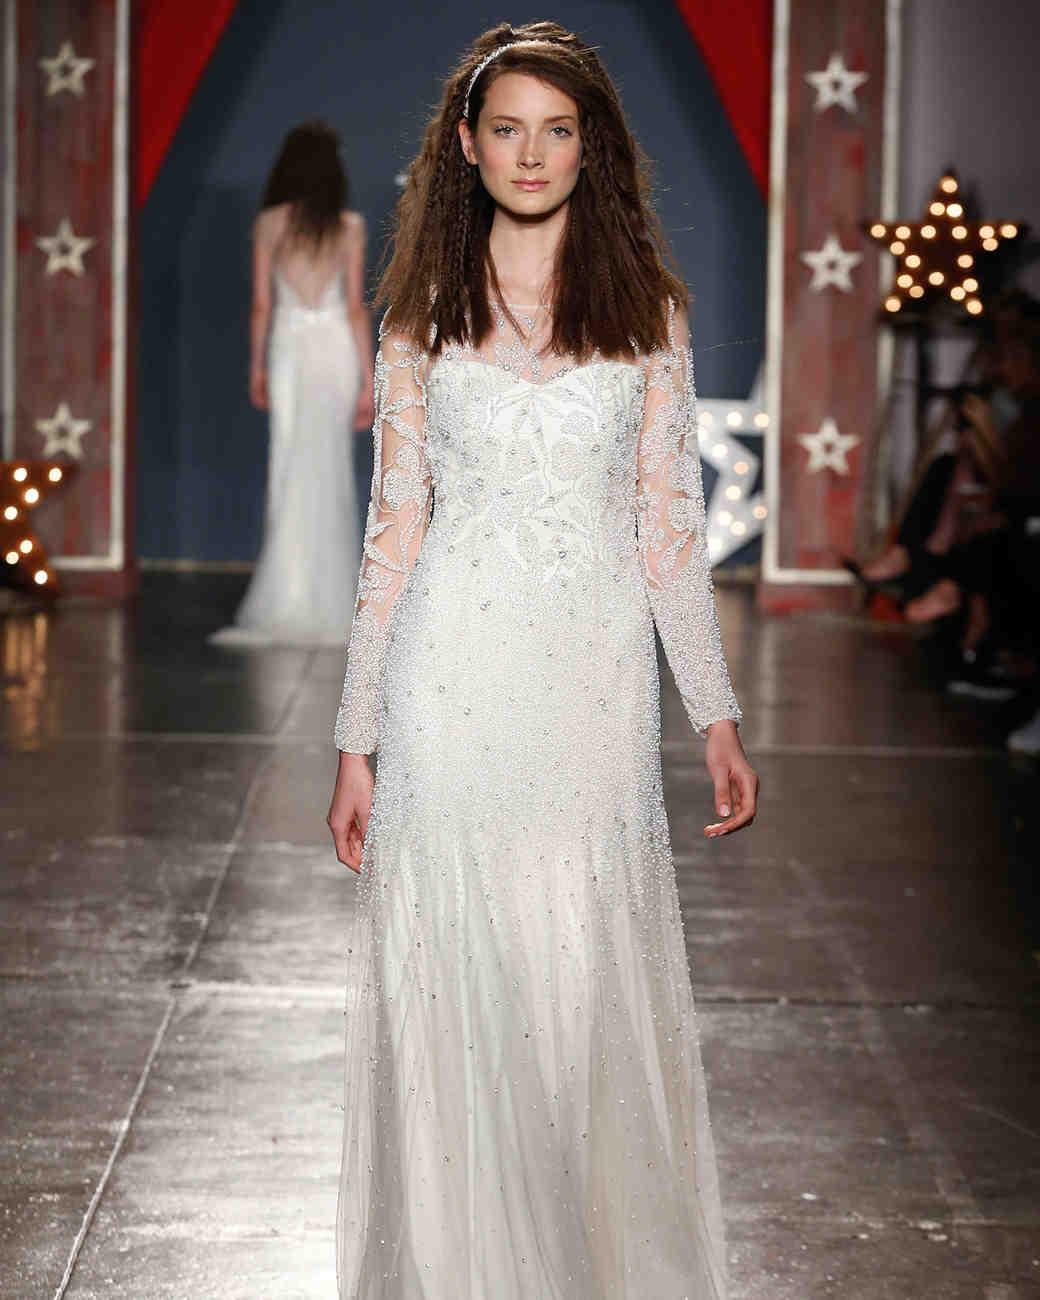 jenny packham wedding dress spring 2018 embellished long sleeves